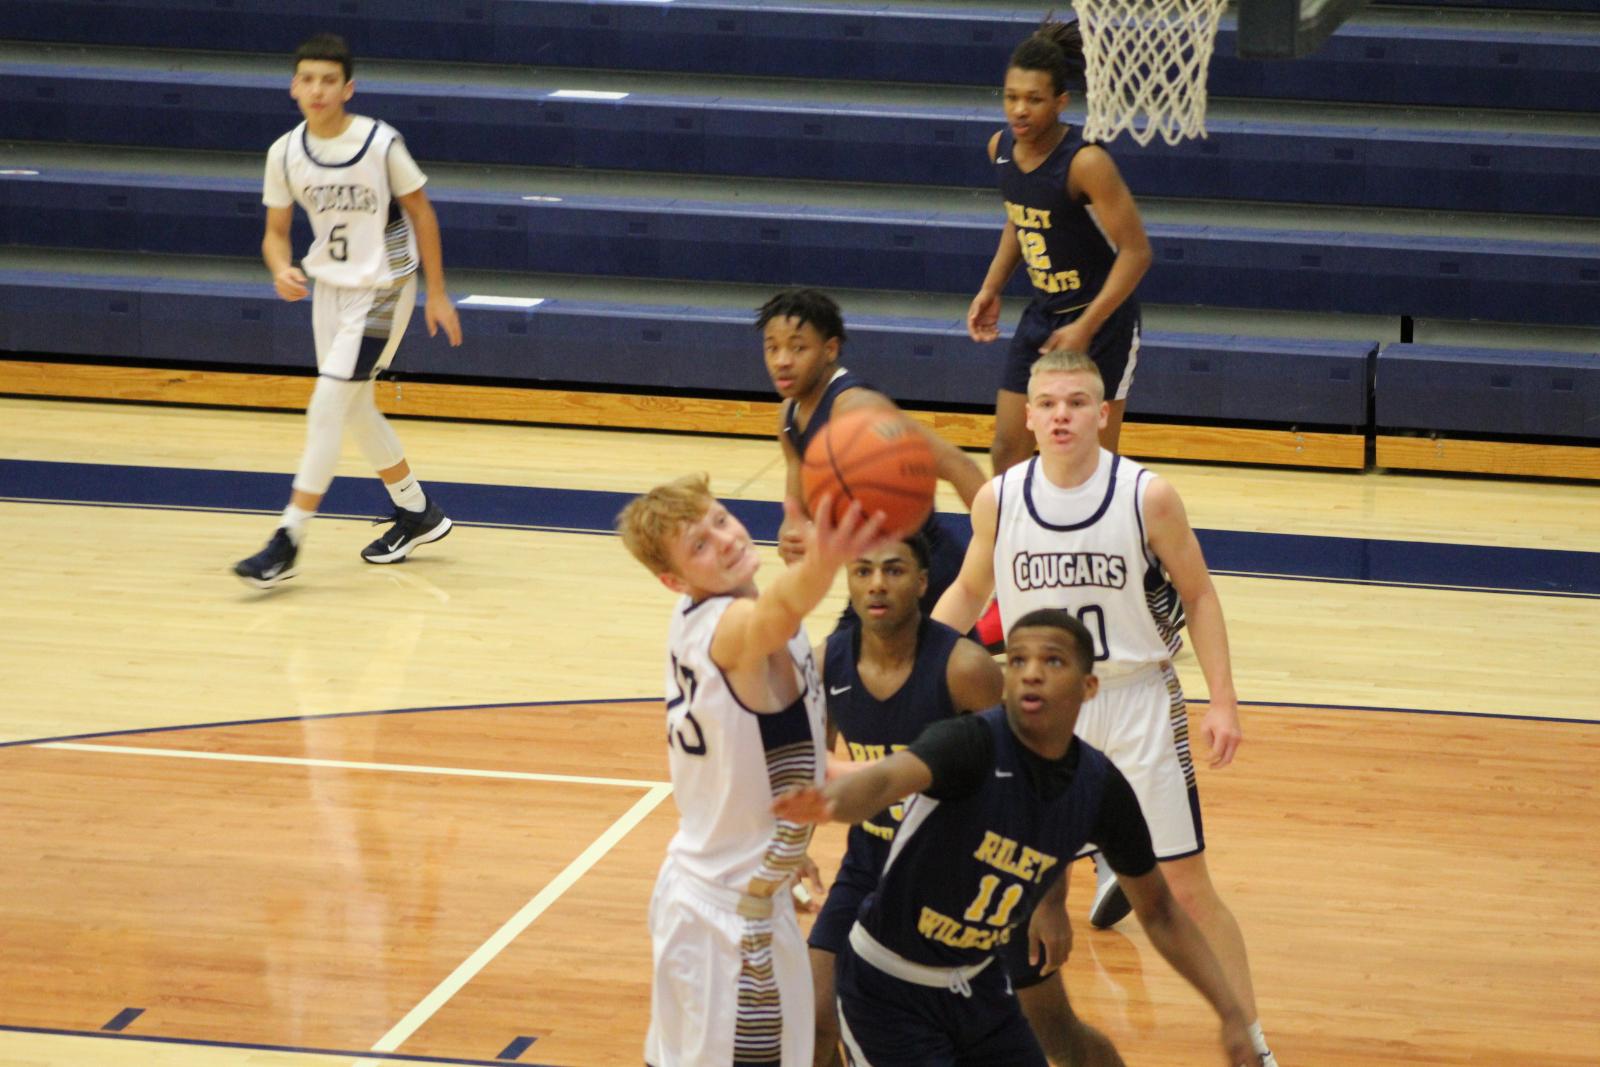 Boys JV Basketball vs. South Bend Riley 1/15/21  (Photo Gallery)